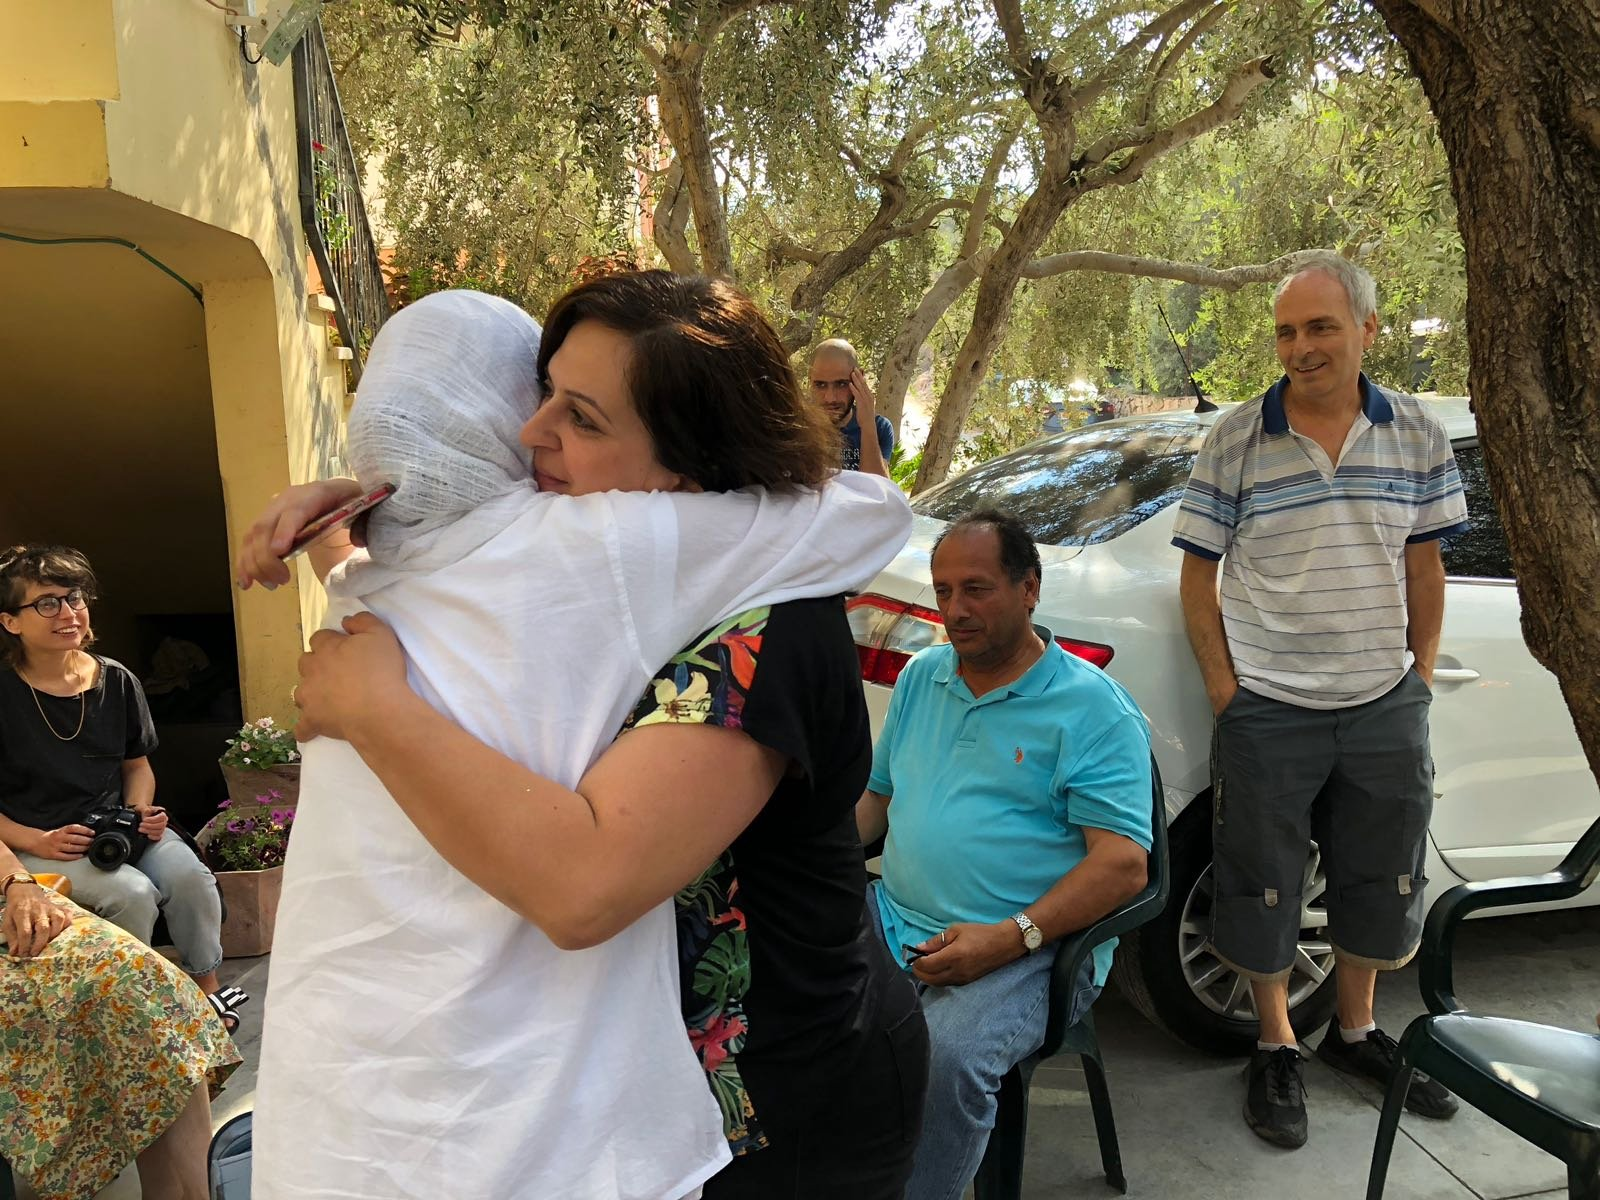 الشاعرة دارين طاطور تغادر منزلها لقضاء محكوميتها في السجن بسبب قصيدة!